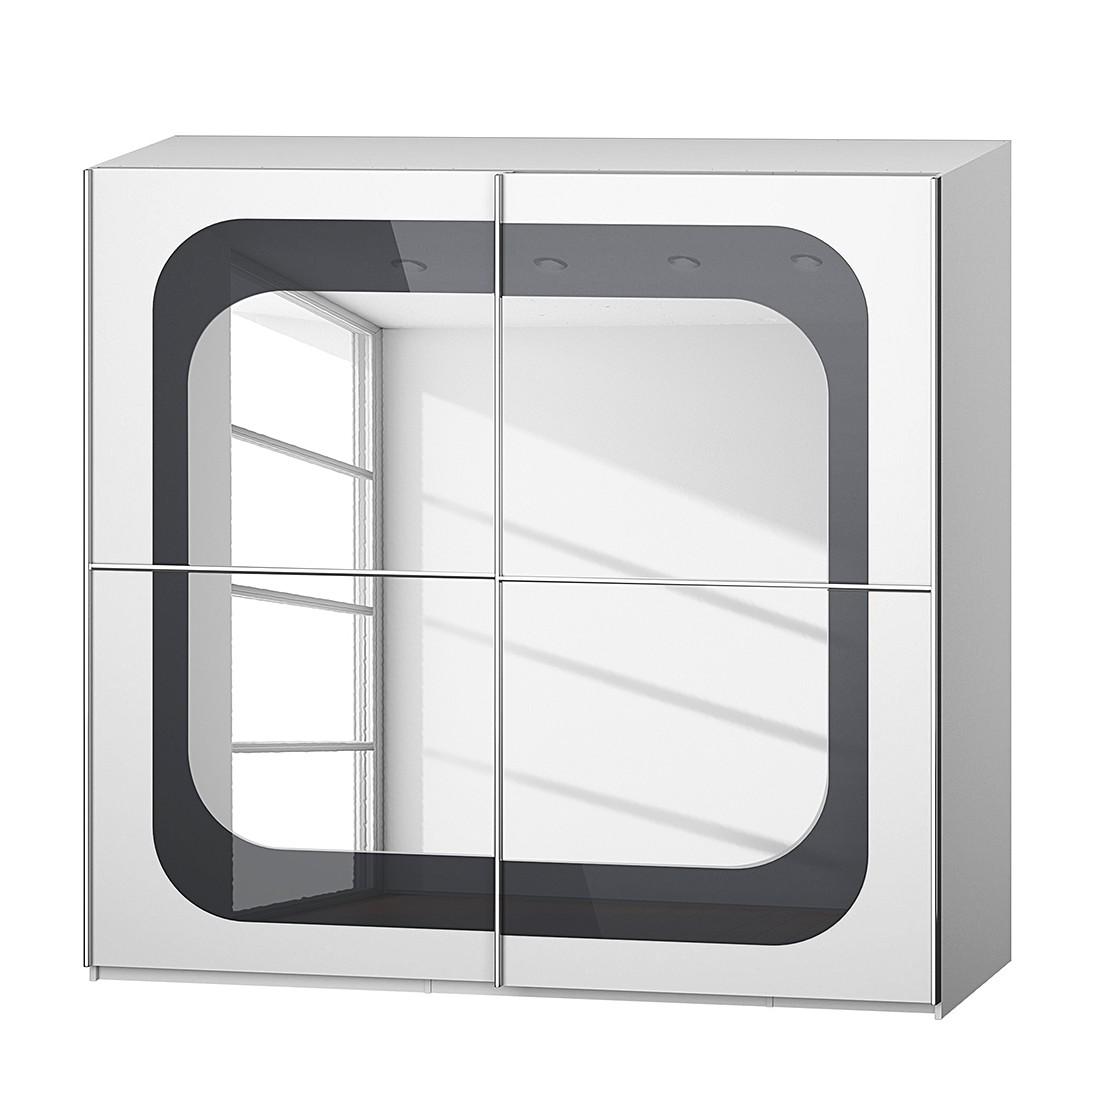 goedkoop Schuifdeurkast Lumos Alpinewit basaltkleurig glas 226cm 2 deurs 236cm Rauch Dialog